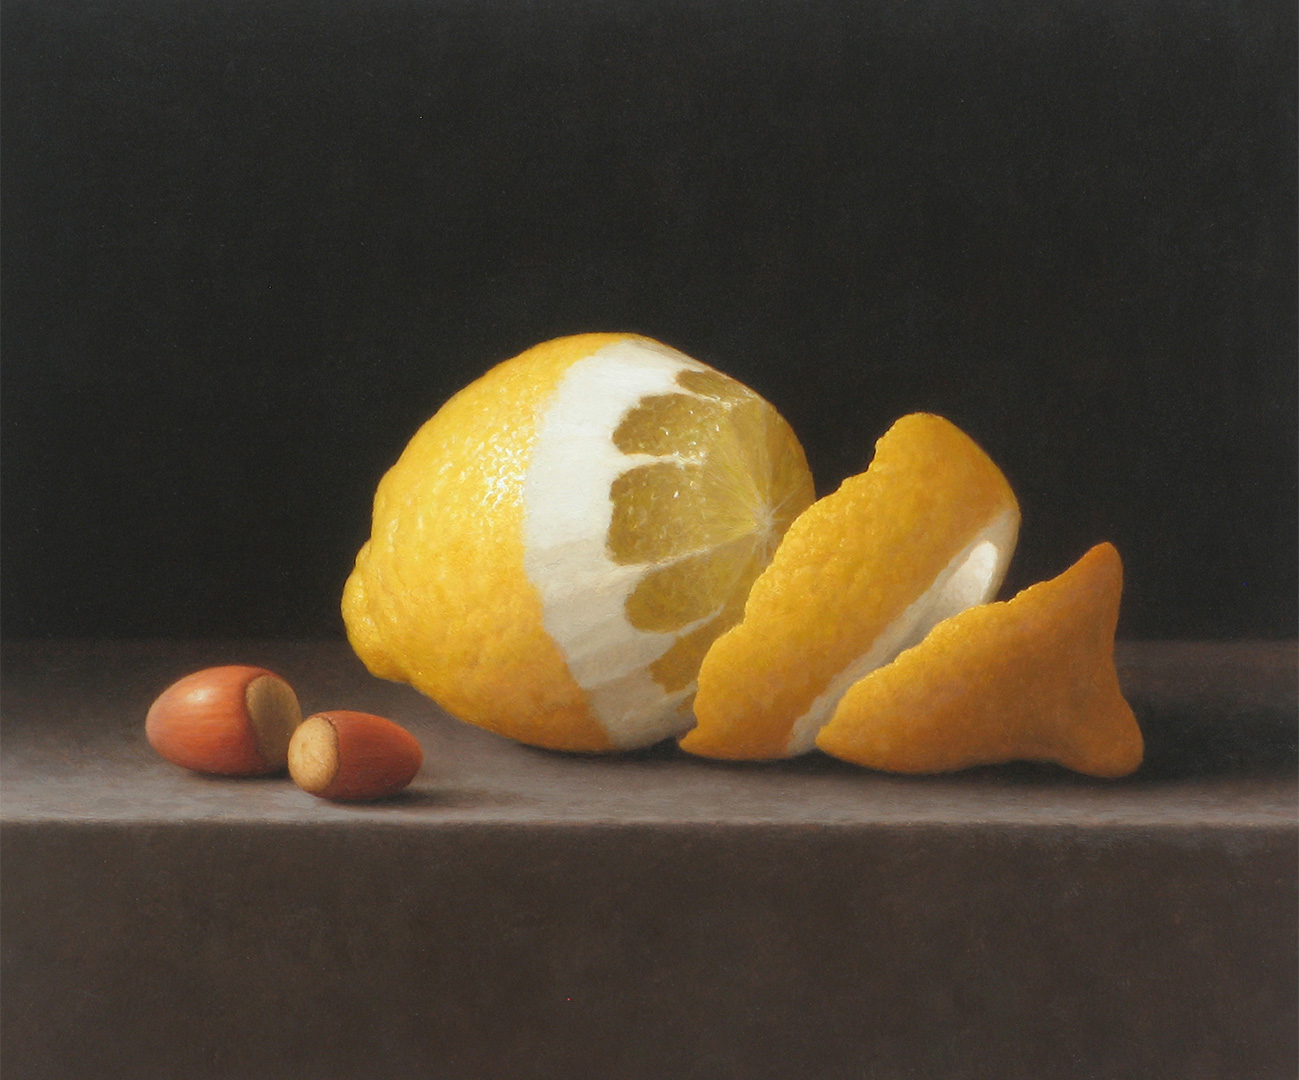 Peeled Lemon With Hazelnuts